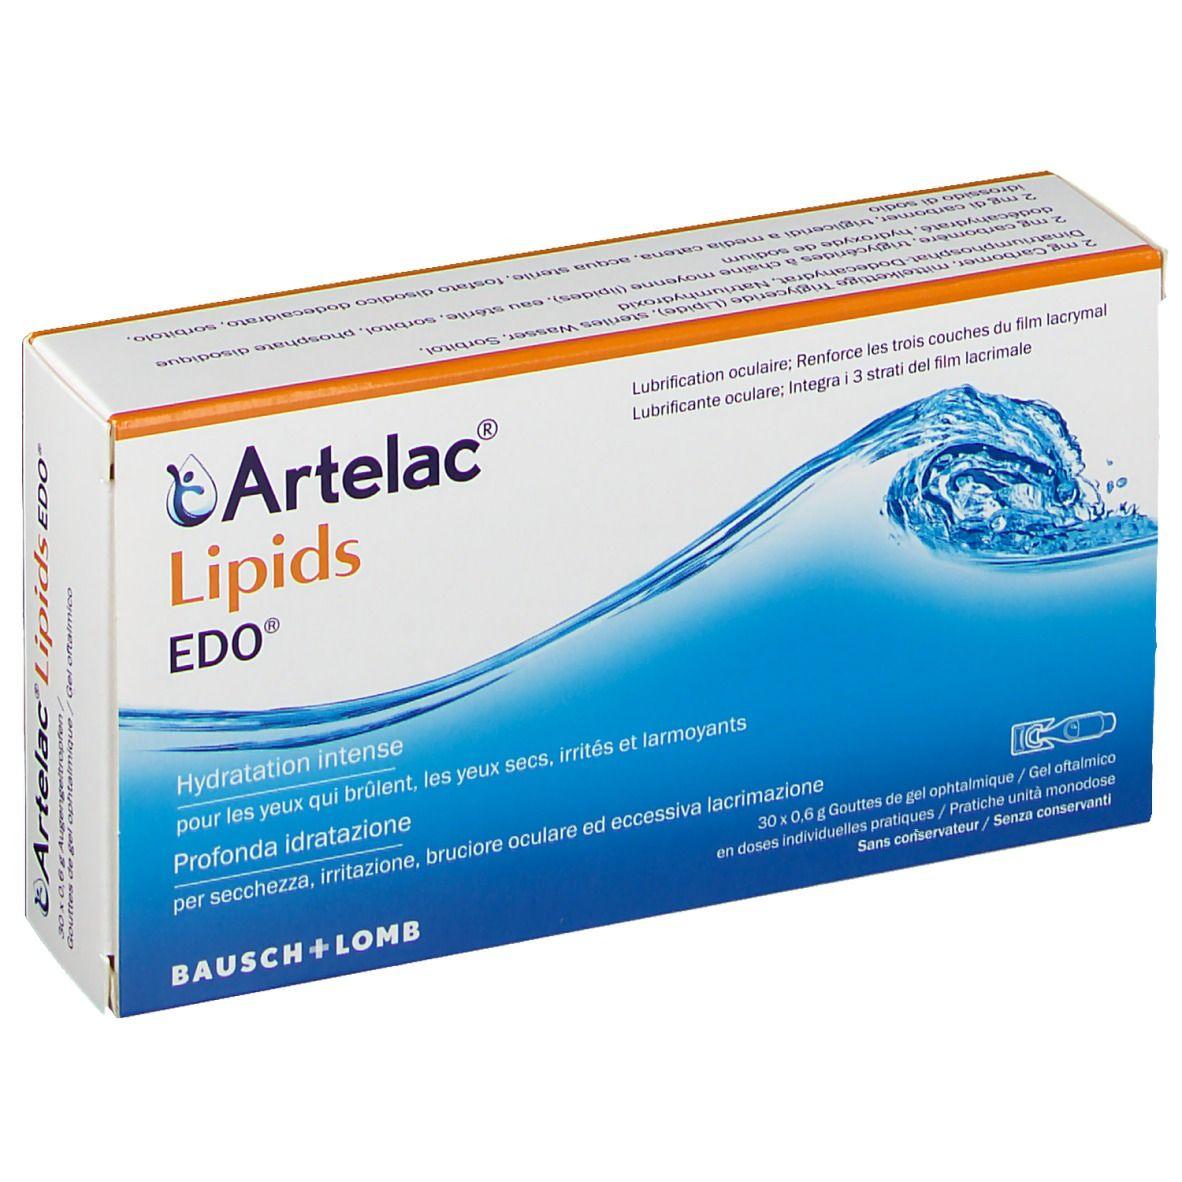 Artelac® Lipids EDO® Augengel